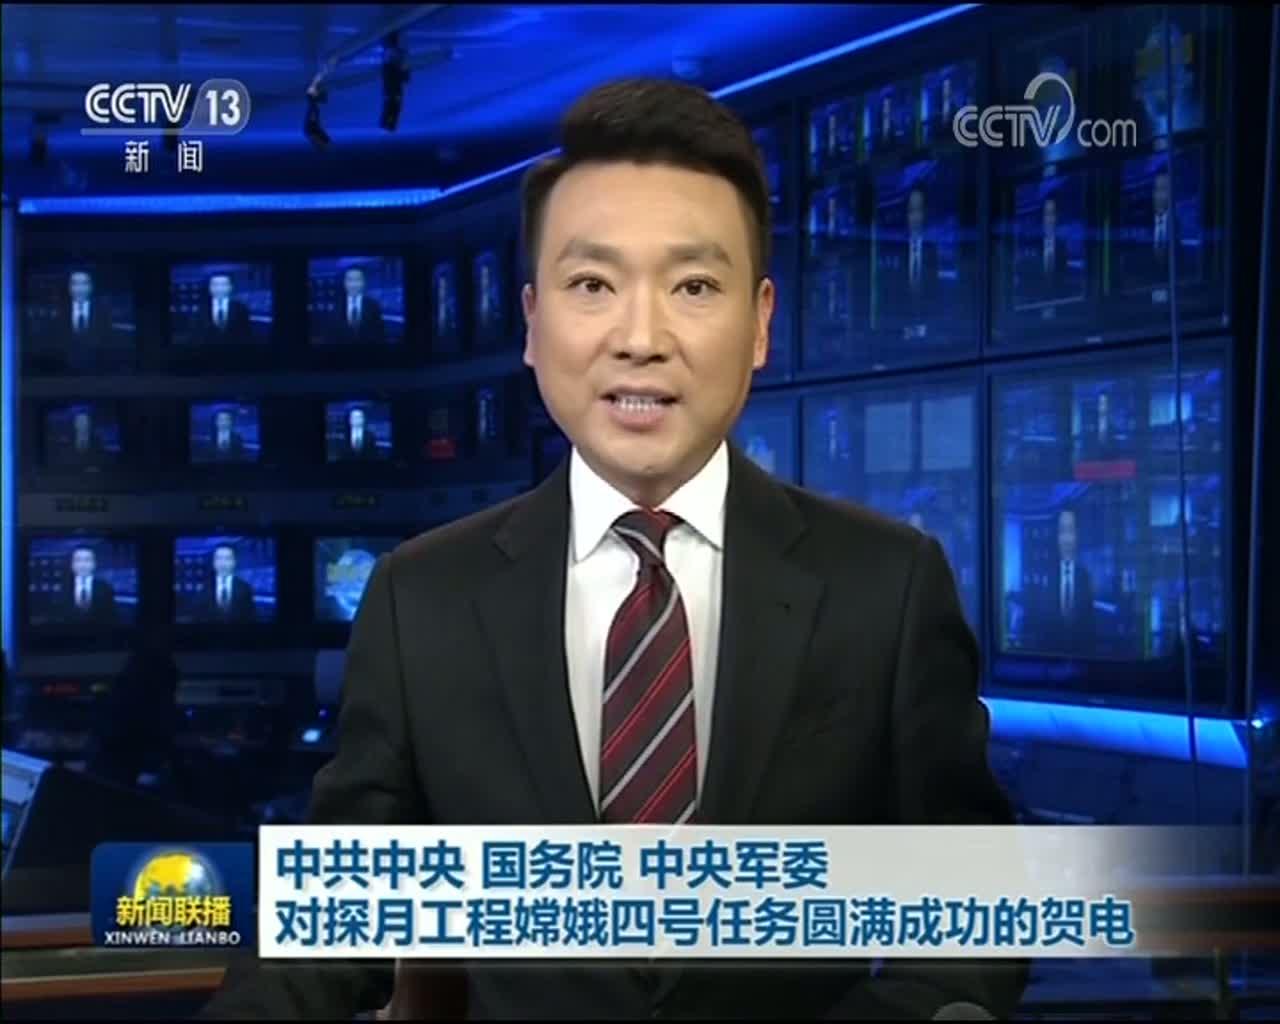 中共中央 国务院 中央军委 对探月工程嫦娥四号任务圆满成功的贺电